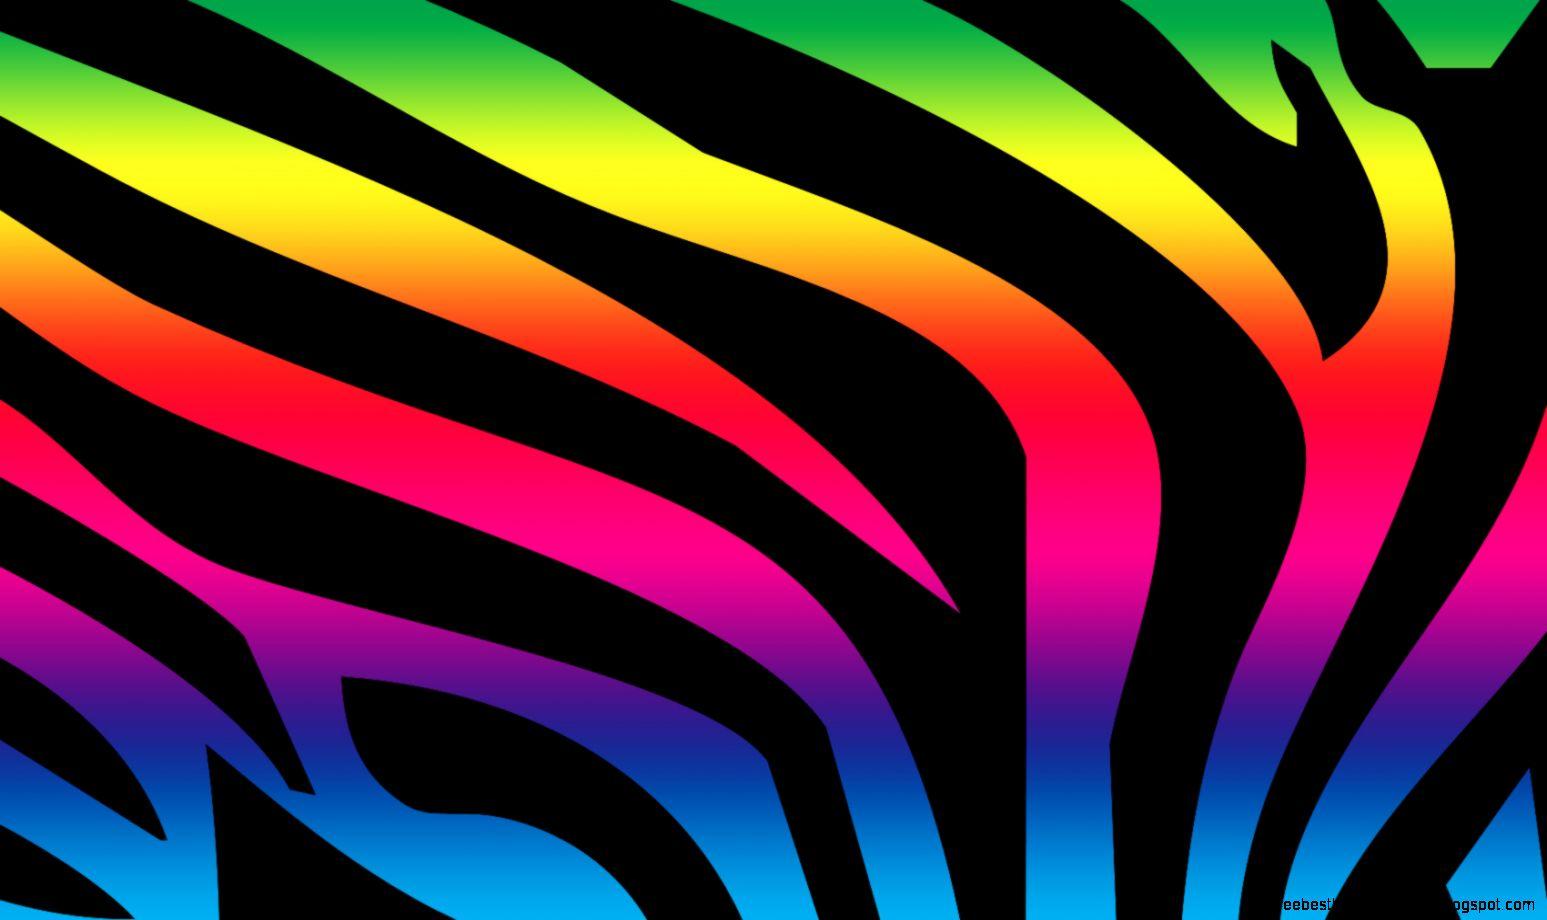 Zebra rainbow print wallpaper free best hd wallpapers for Zebra print wallpaper